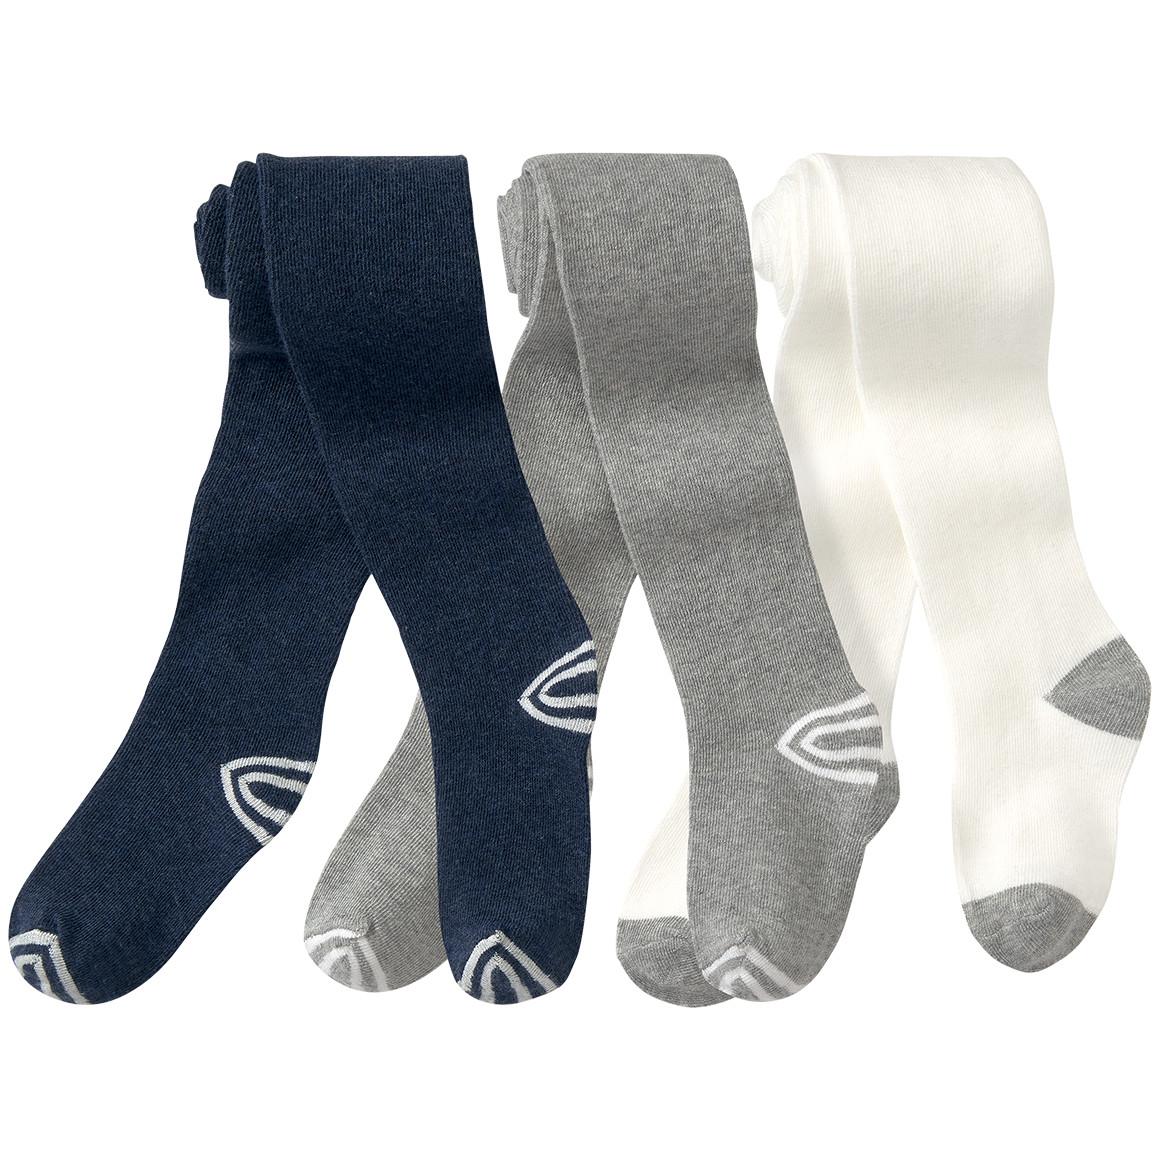 3 Baby Strumpfhosen in verschiedenen Designs